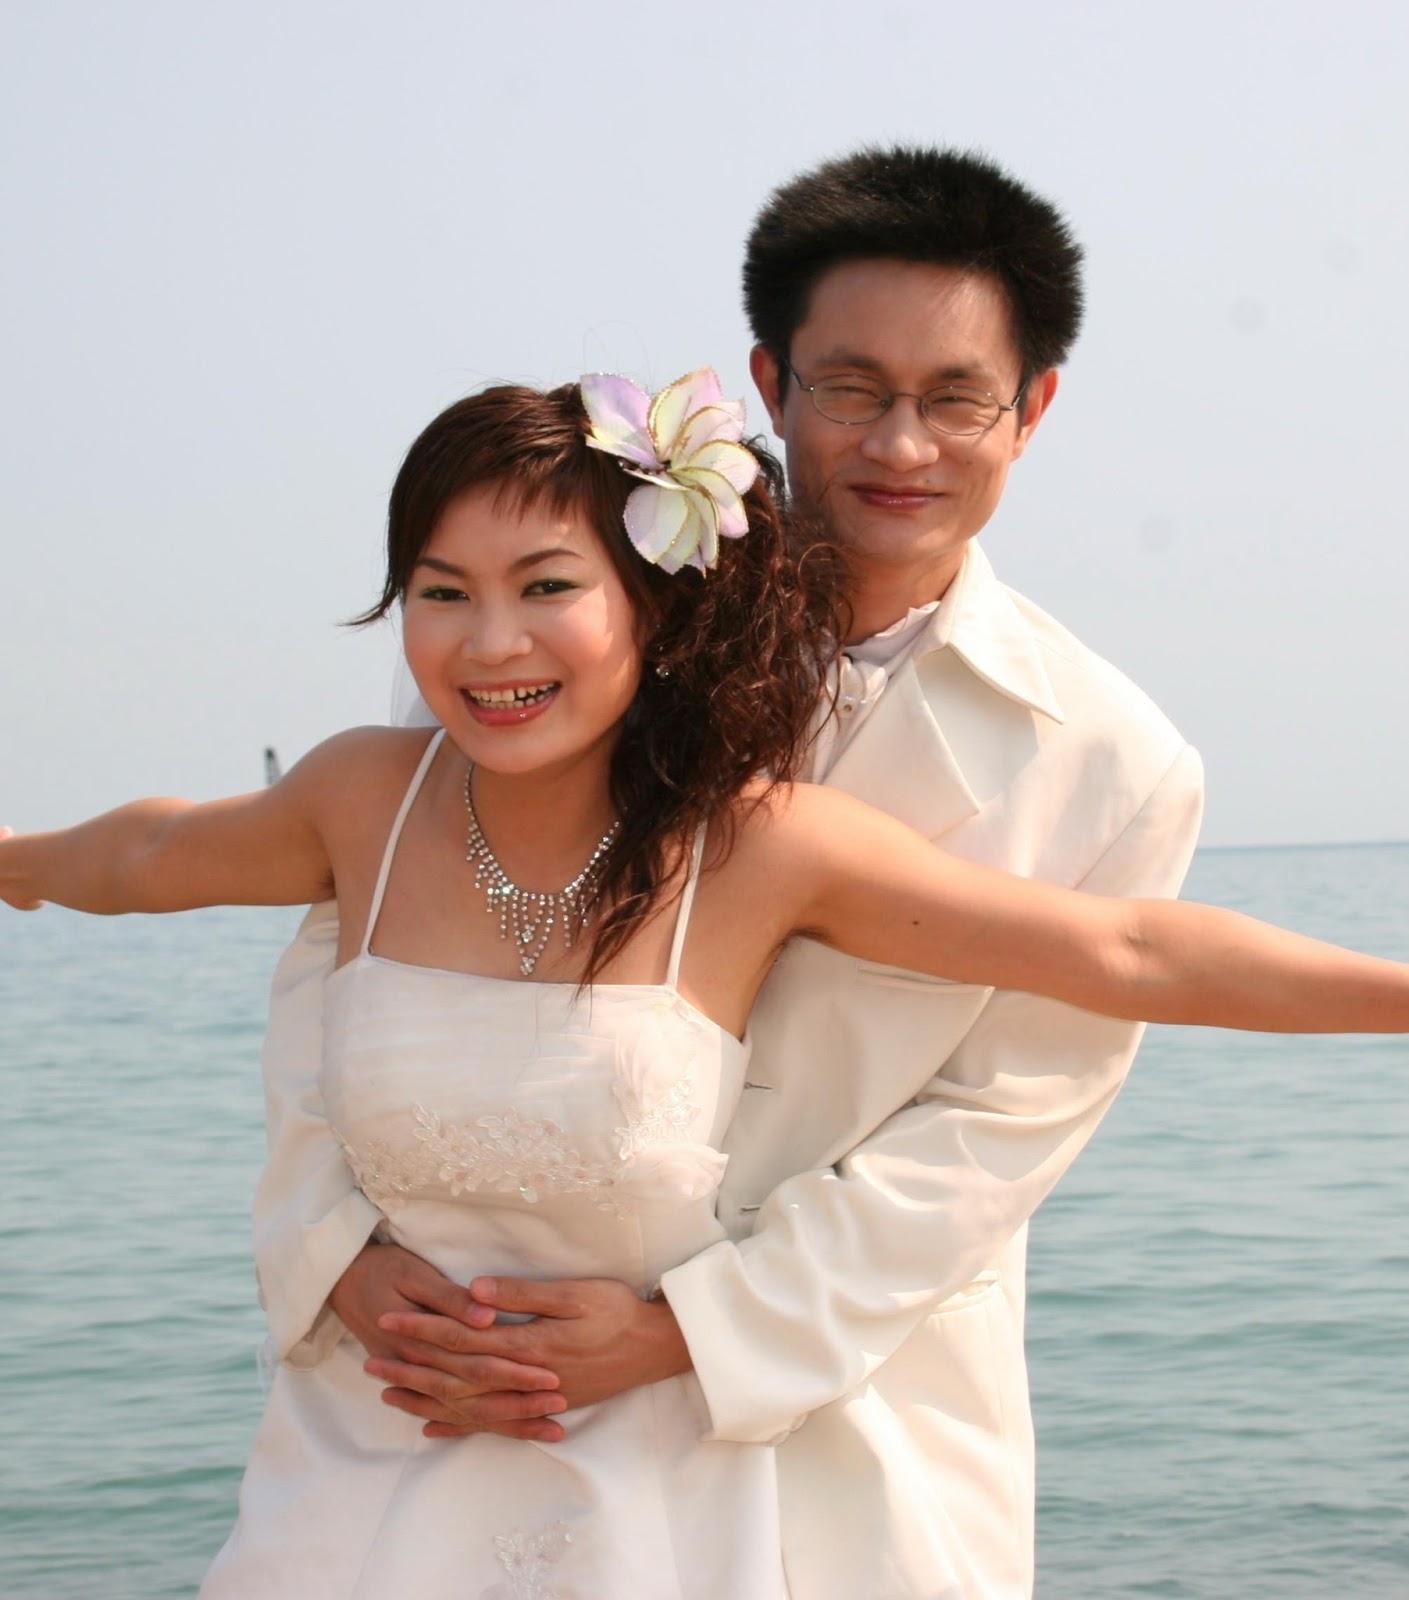 Hairy Asian Armpits 75